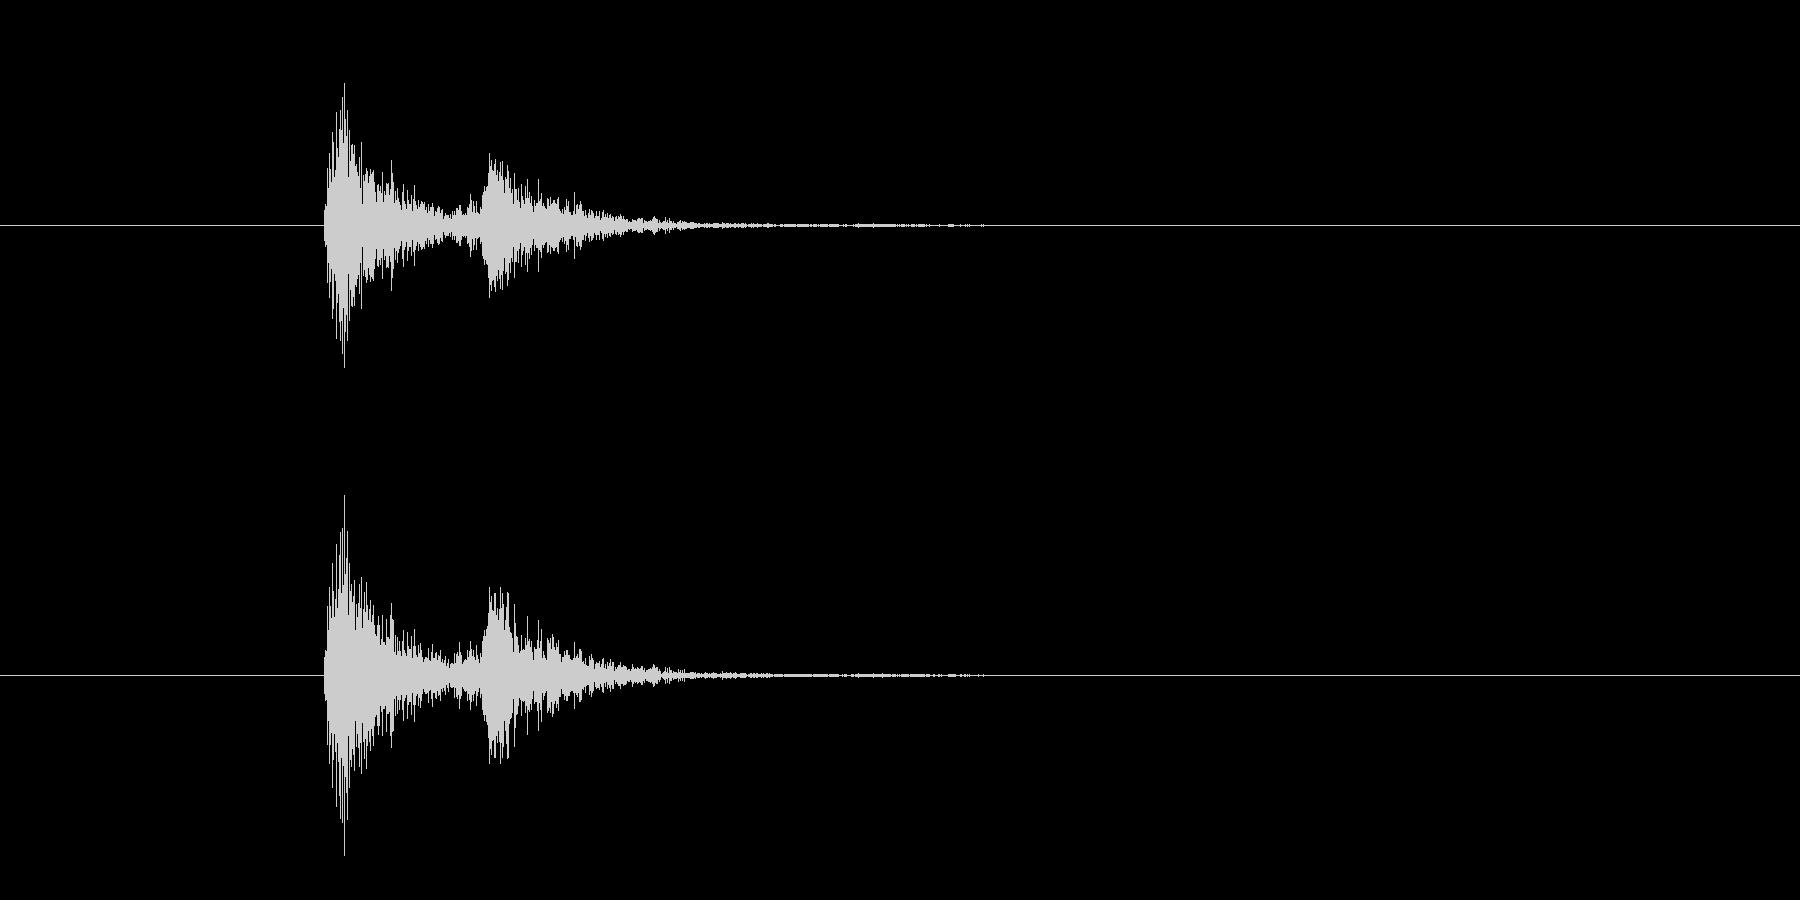 ドン バン ロッカーを叩く音の未再生の波形